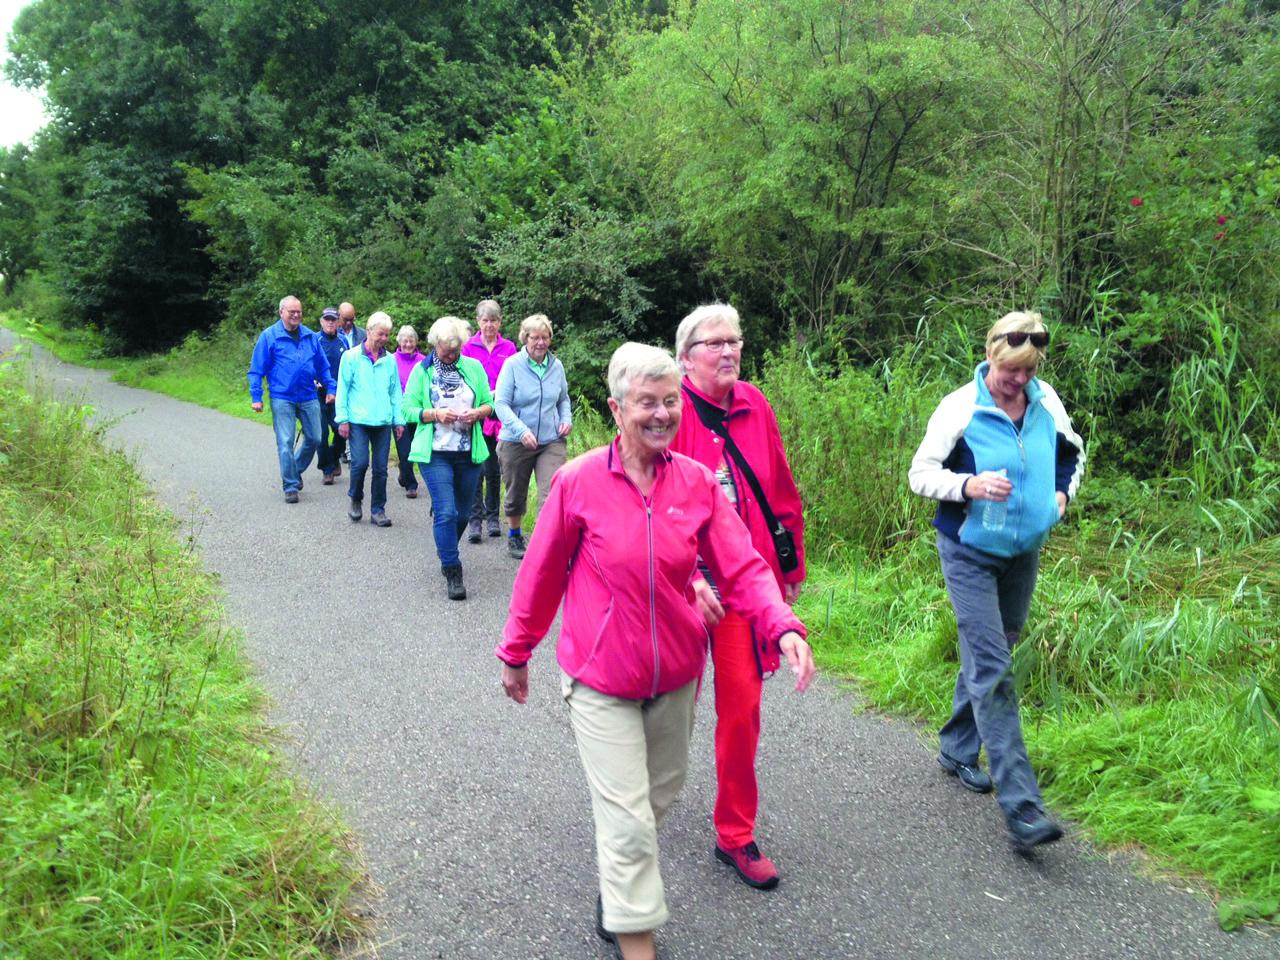 Wandelen in de regio? Kijk eens op www.recreatieschapwestfriesland.nl/recreeren/wandelen voor leuke wandelroutes. (Foto: archief Rodi Media)